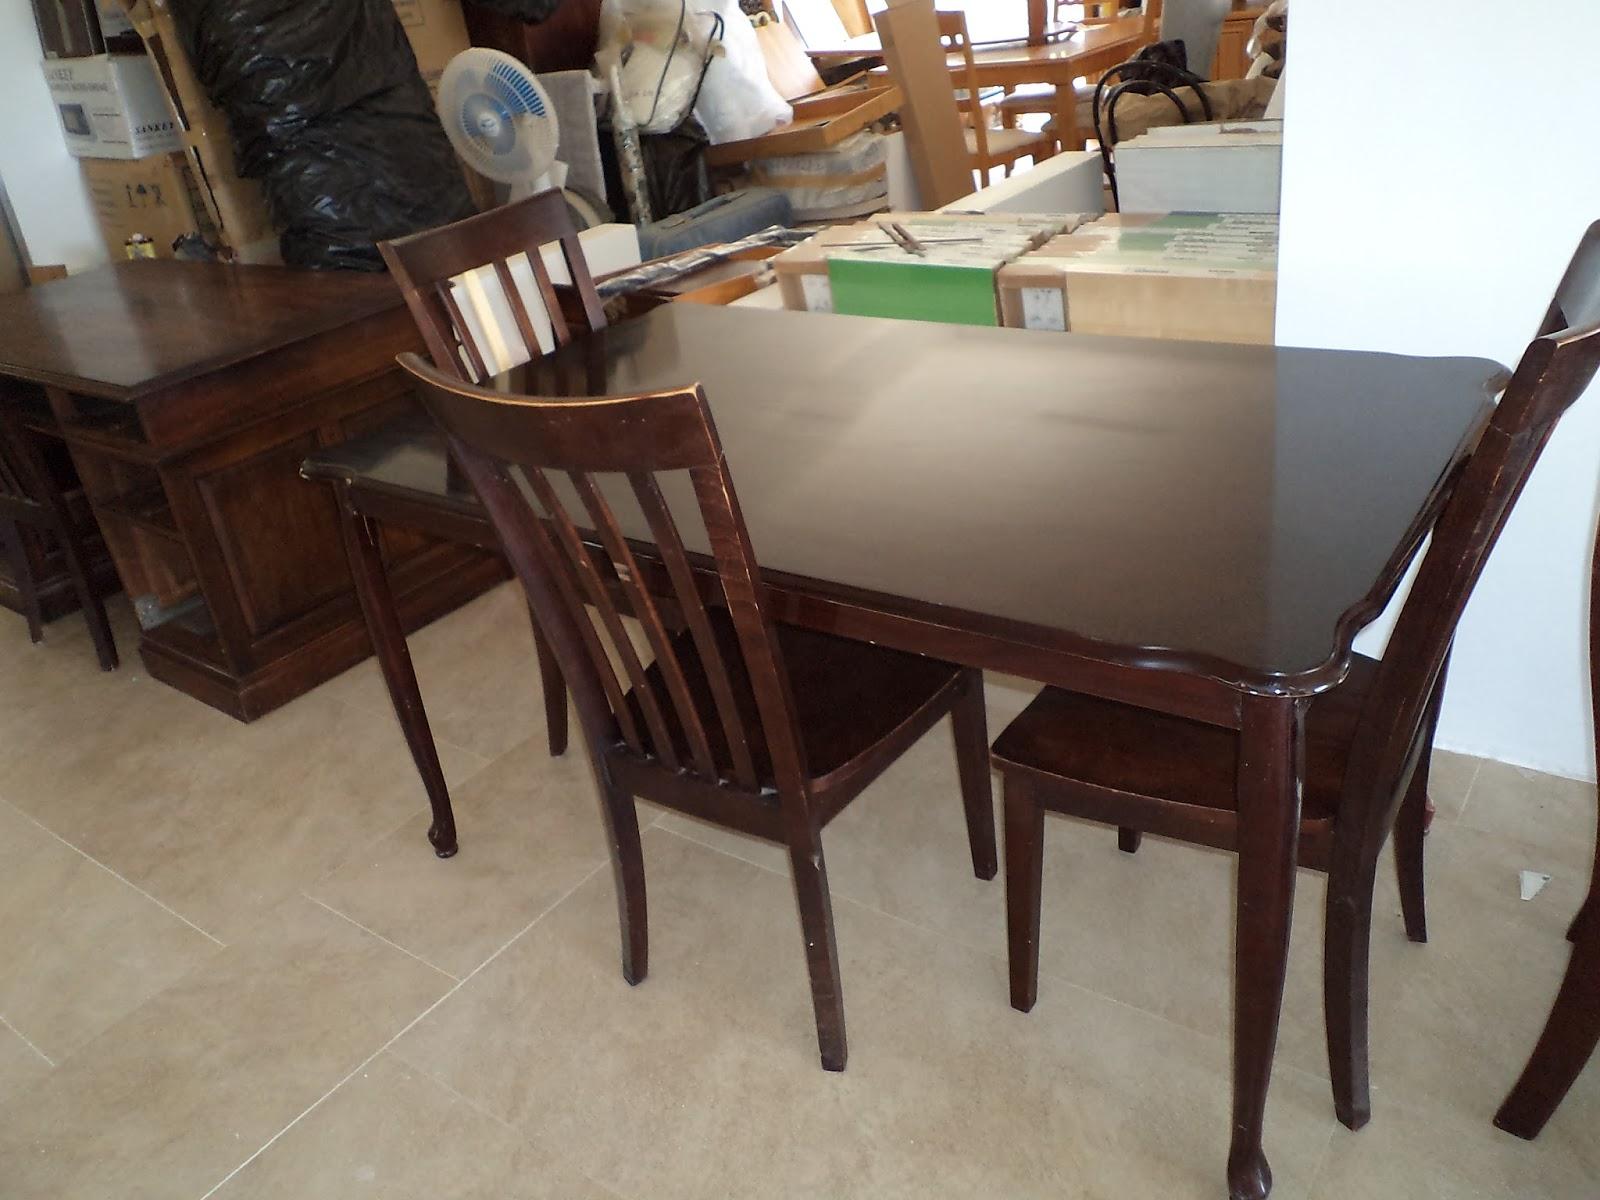 Muebles nuevos y usados usa juegos de comedor americanos for Modelos de muebles de comedor